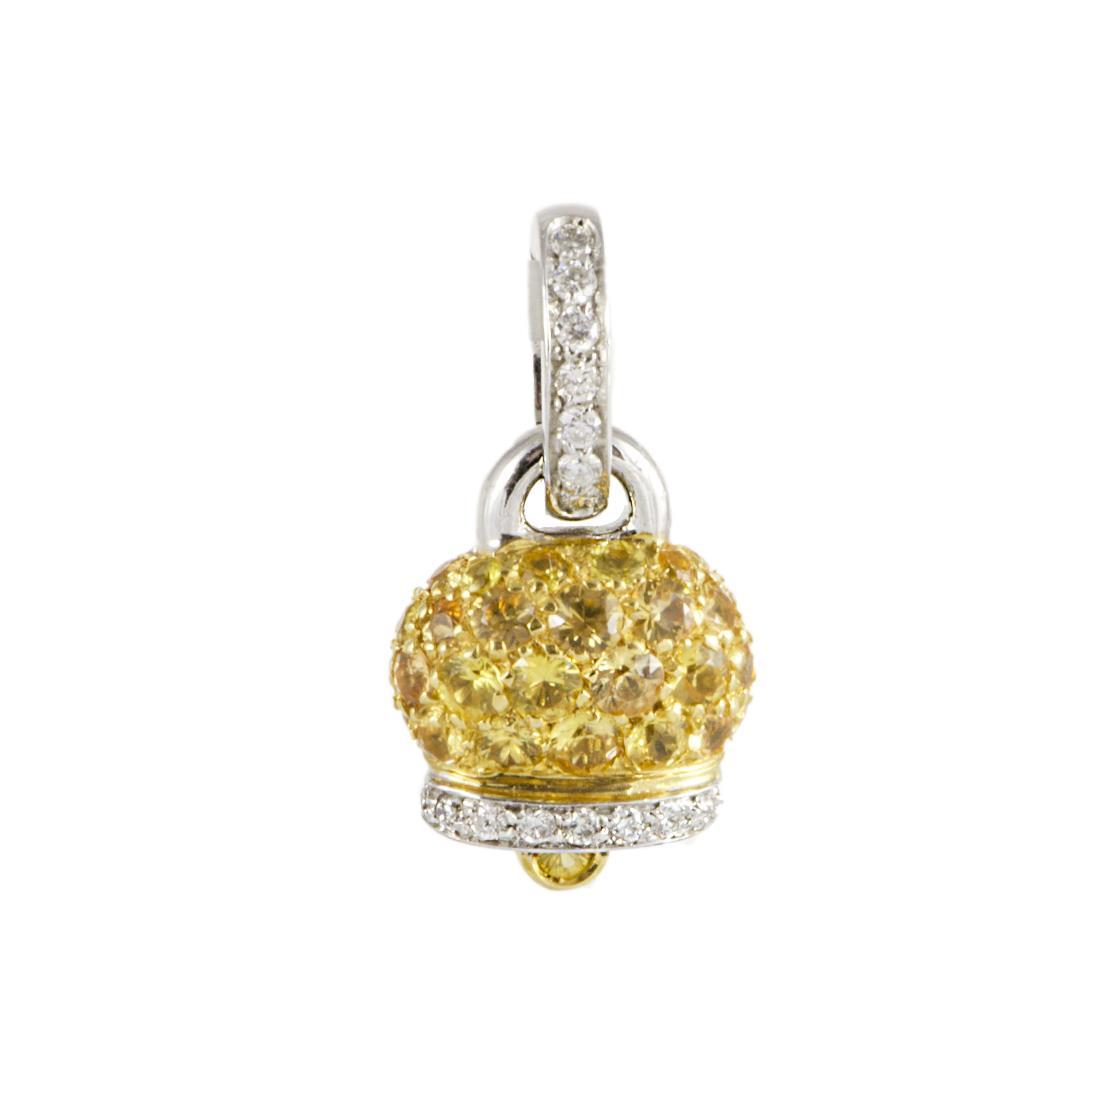 Pendente Chantecler in oro bianco con diamanti ct 0,12 - CHANTECLER